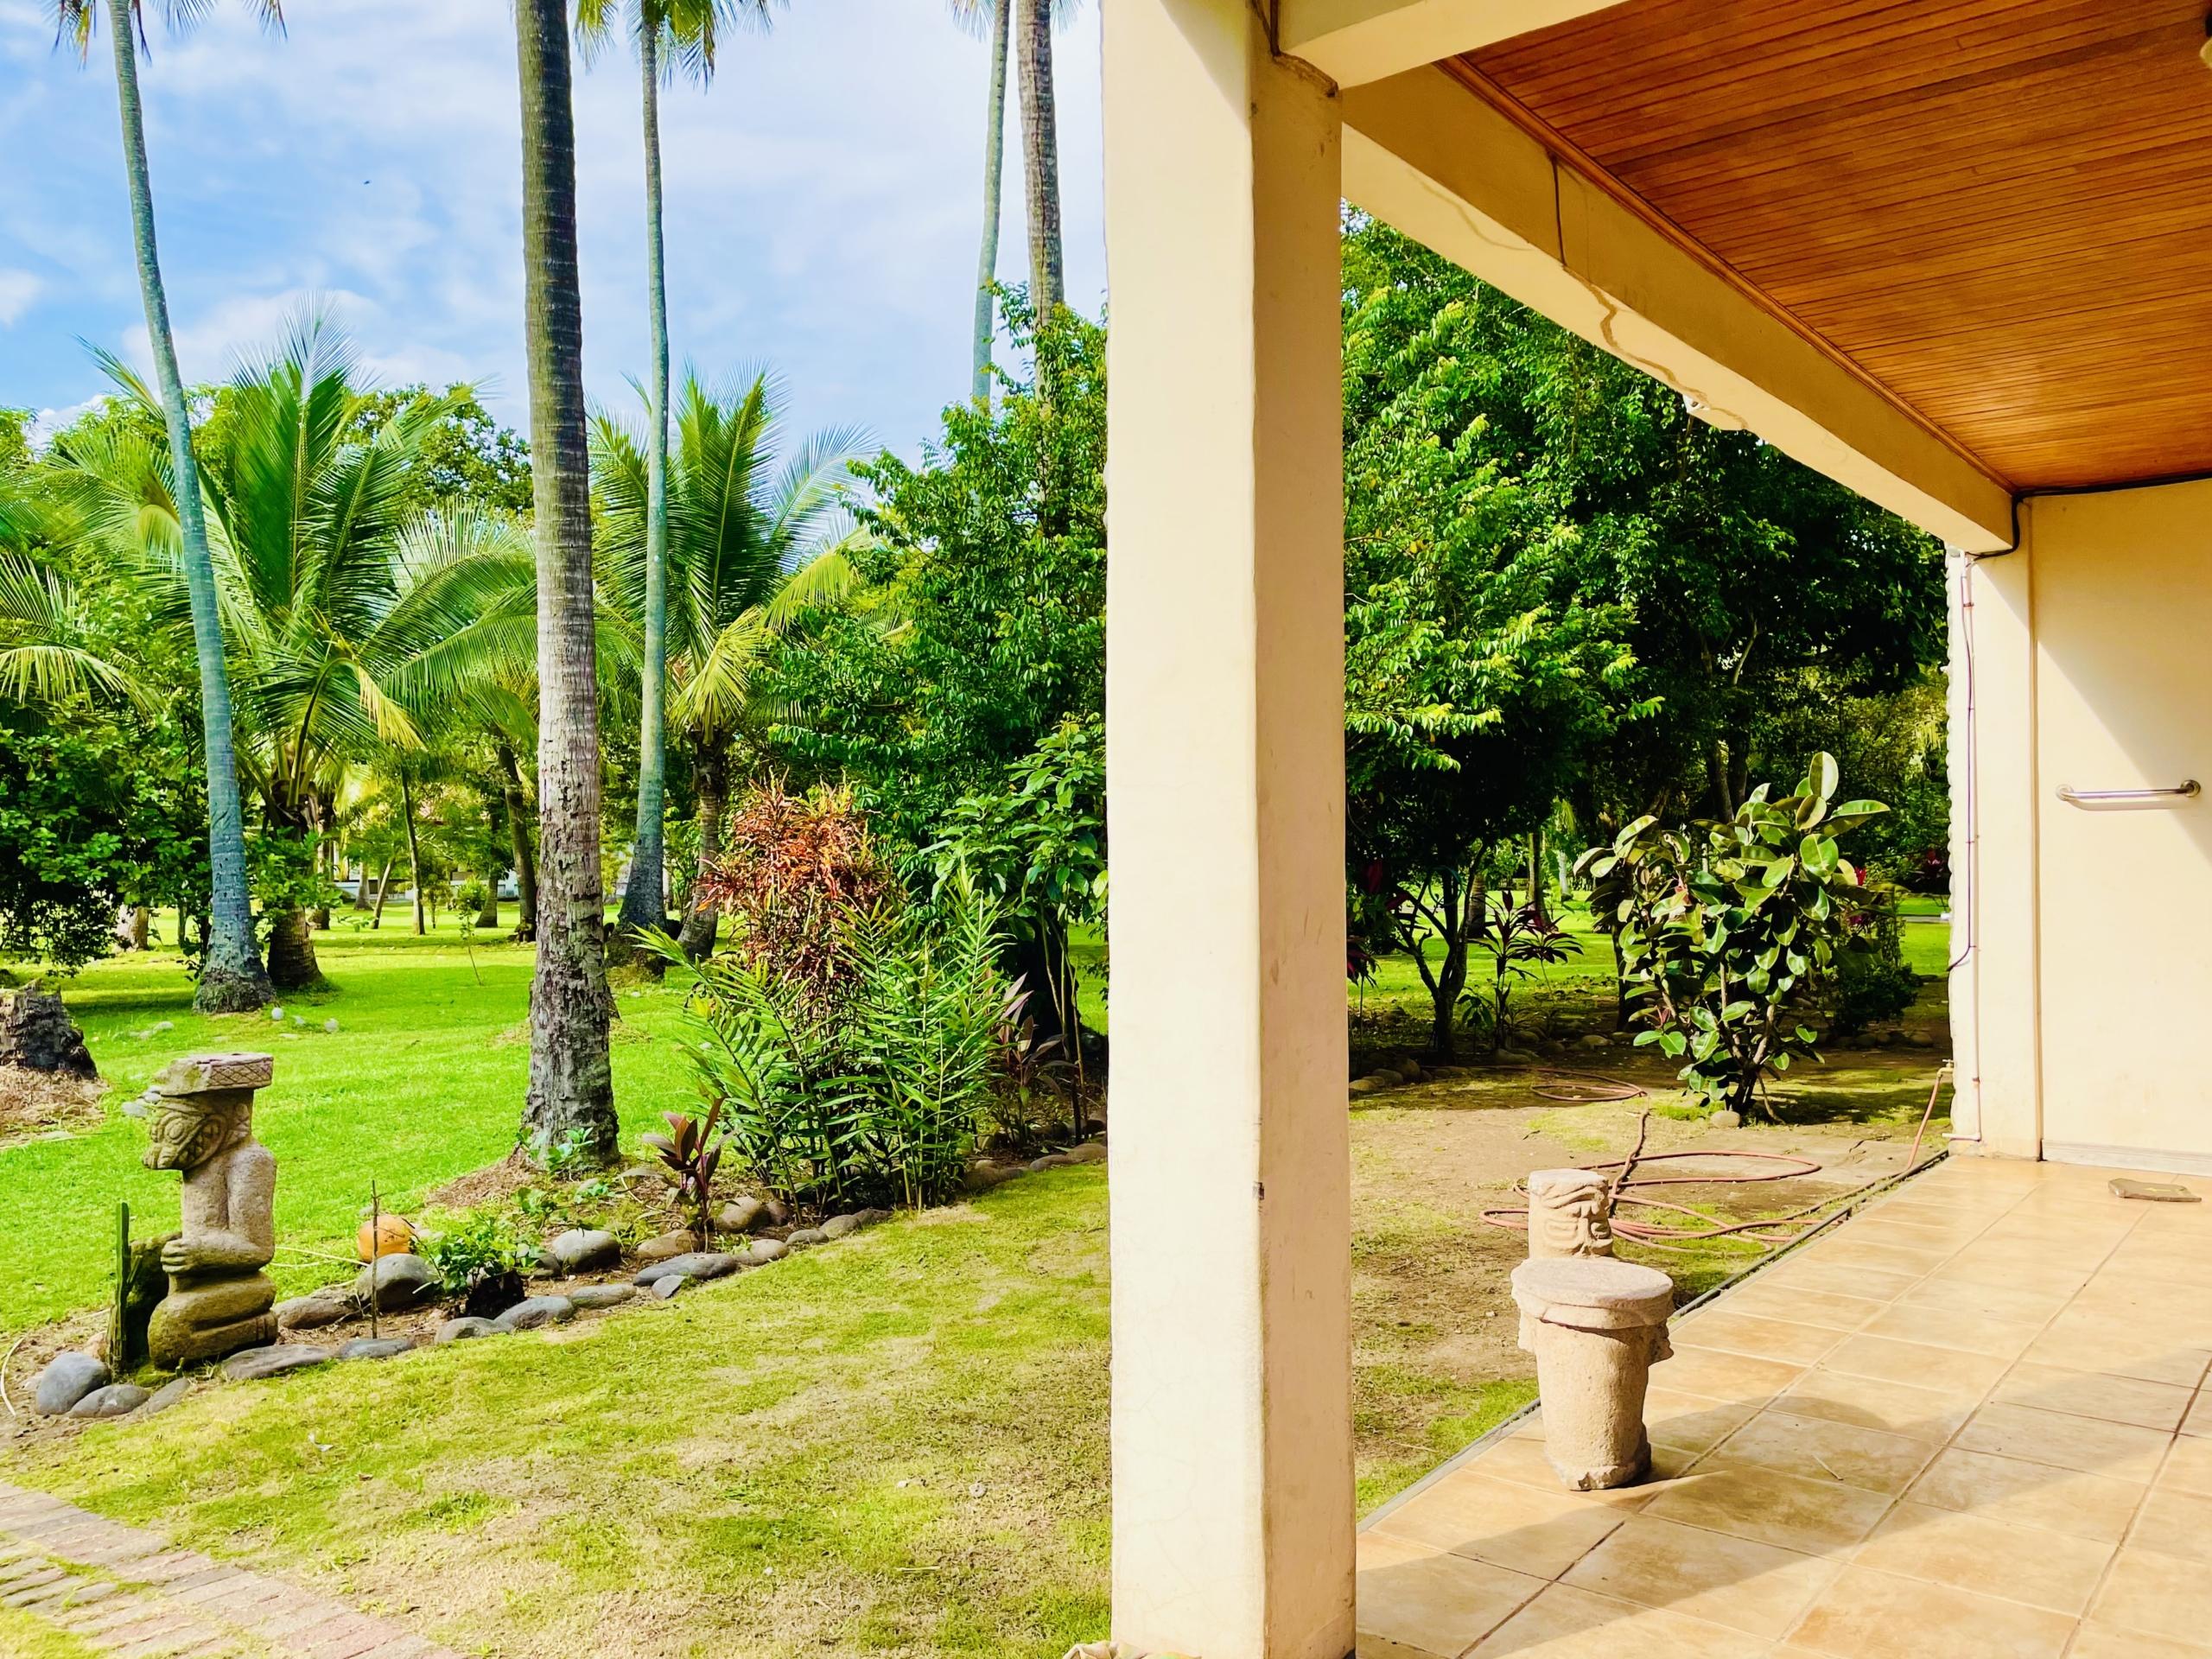 boca-barranca-costa-rica-villa-investment